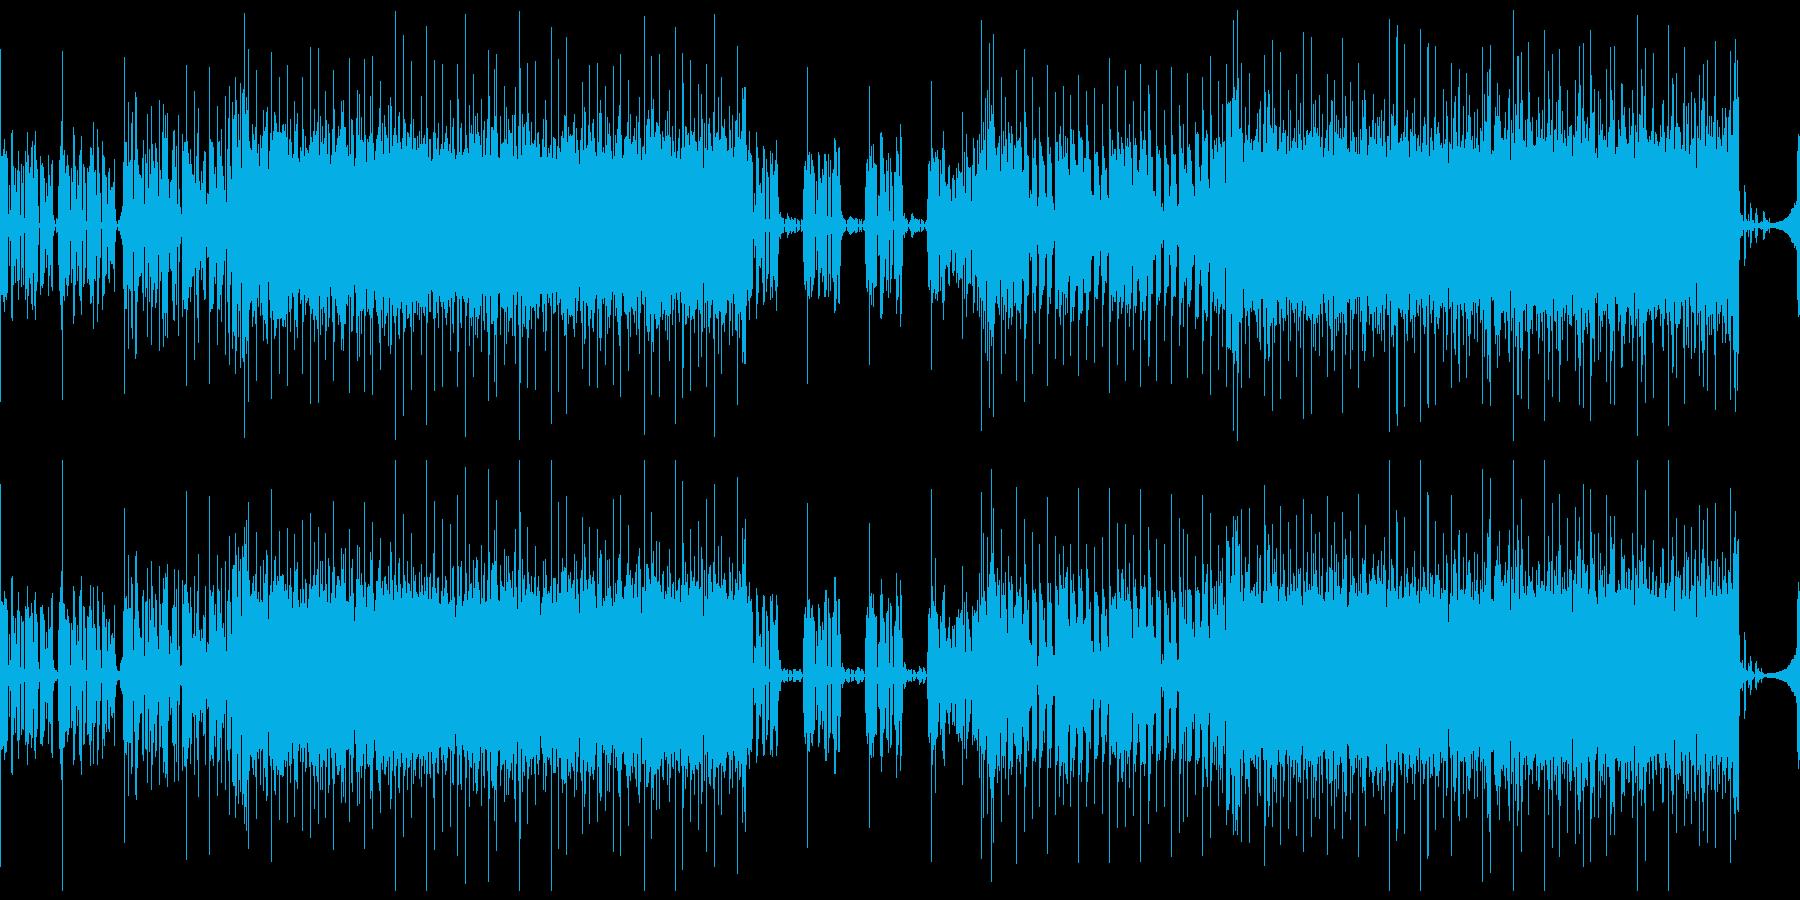 暗くて喧しい、怪しいテクノ(ループ可)の再生済みの波形